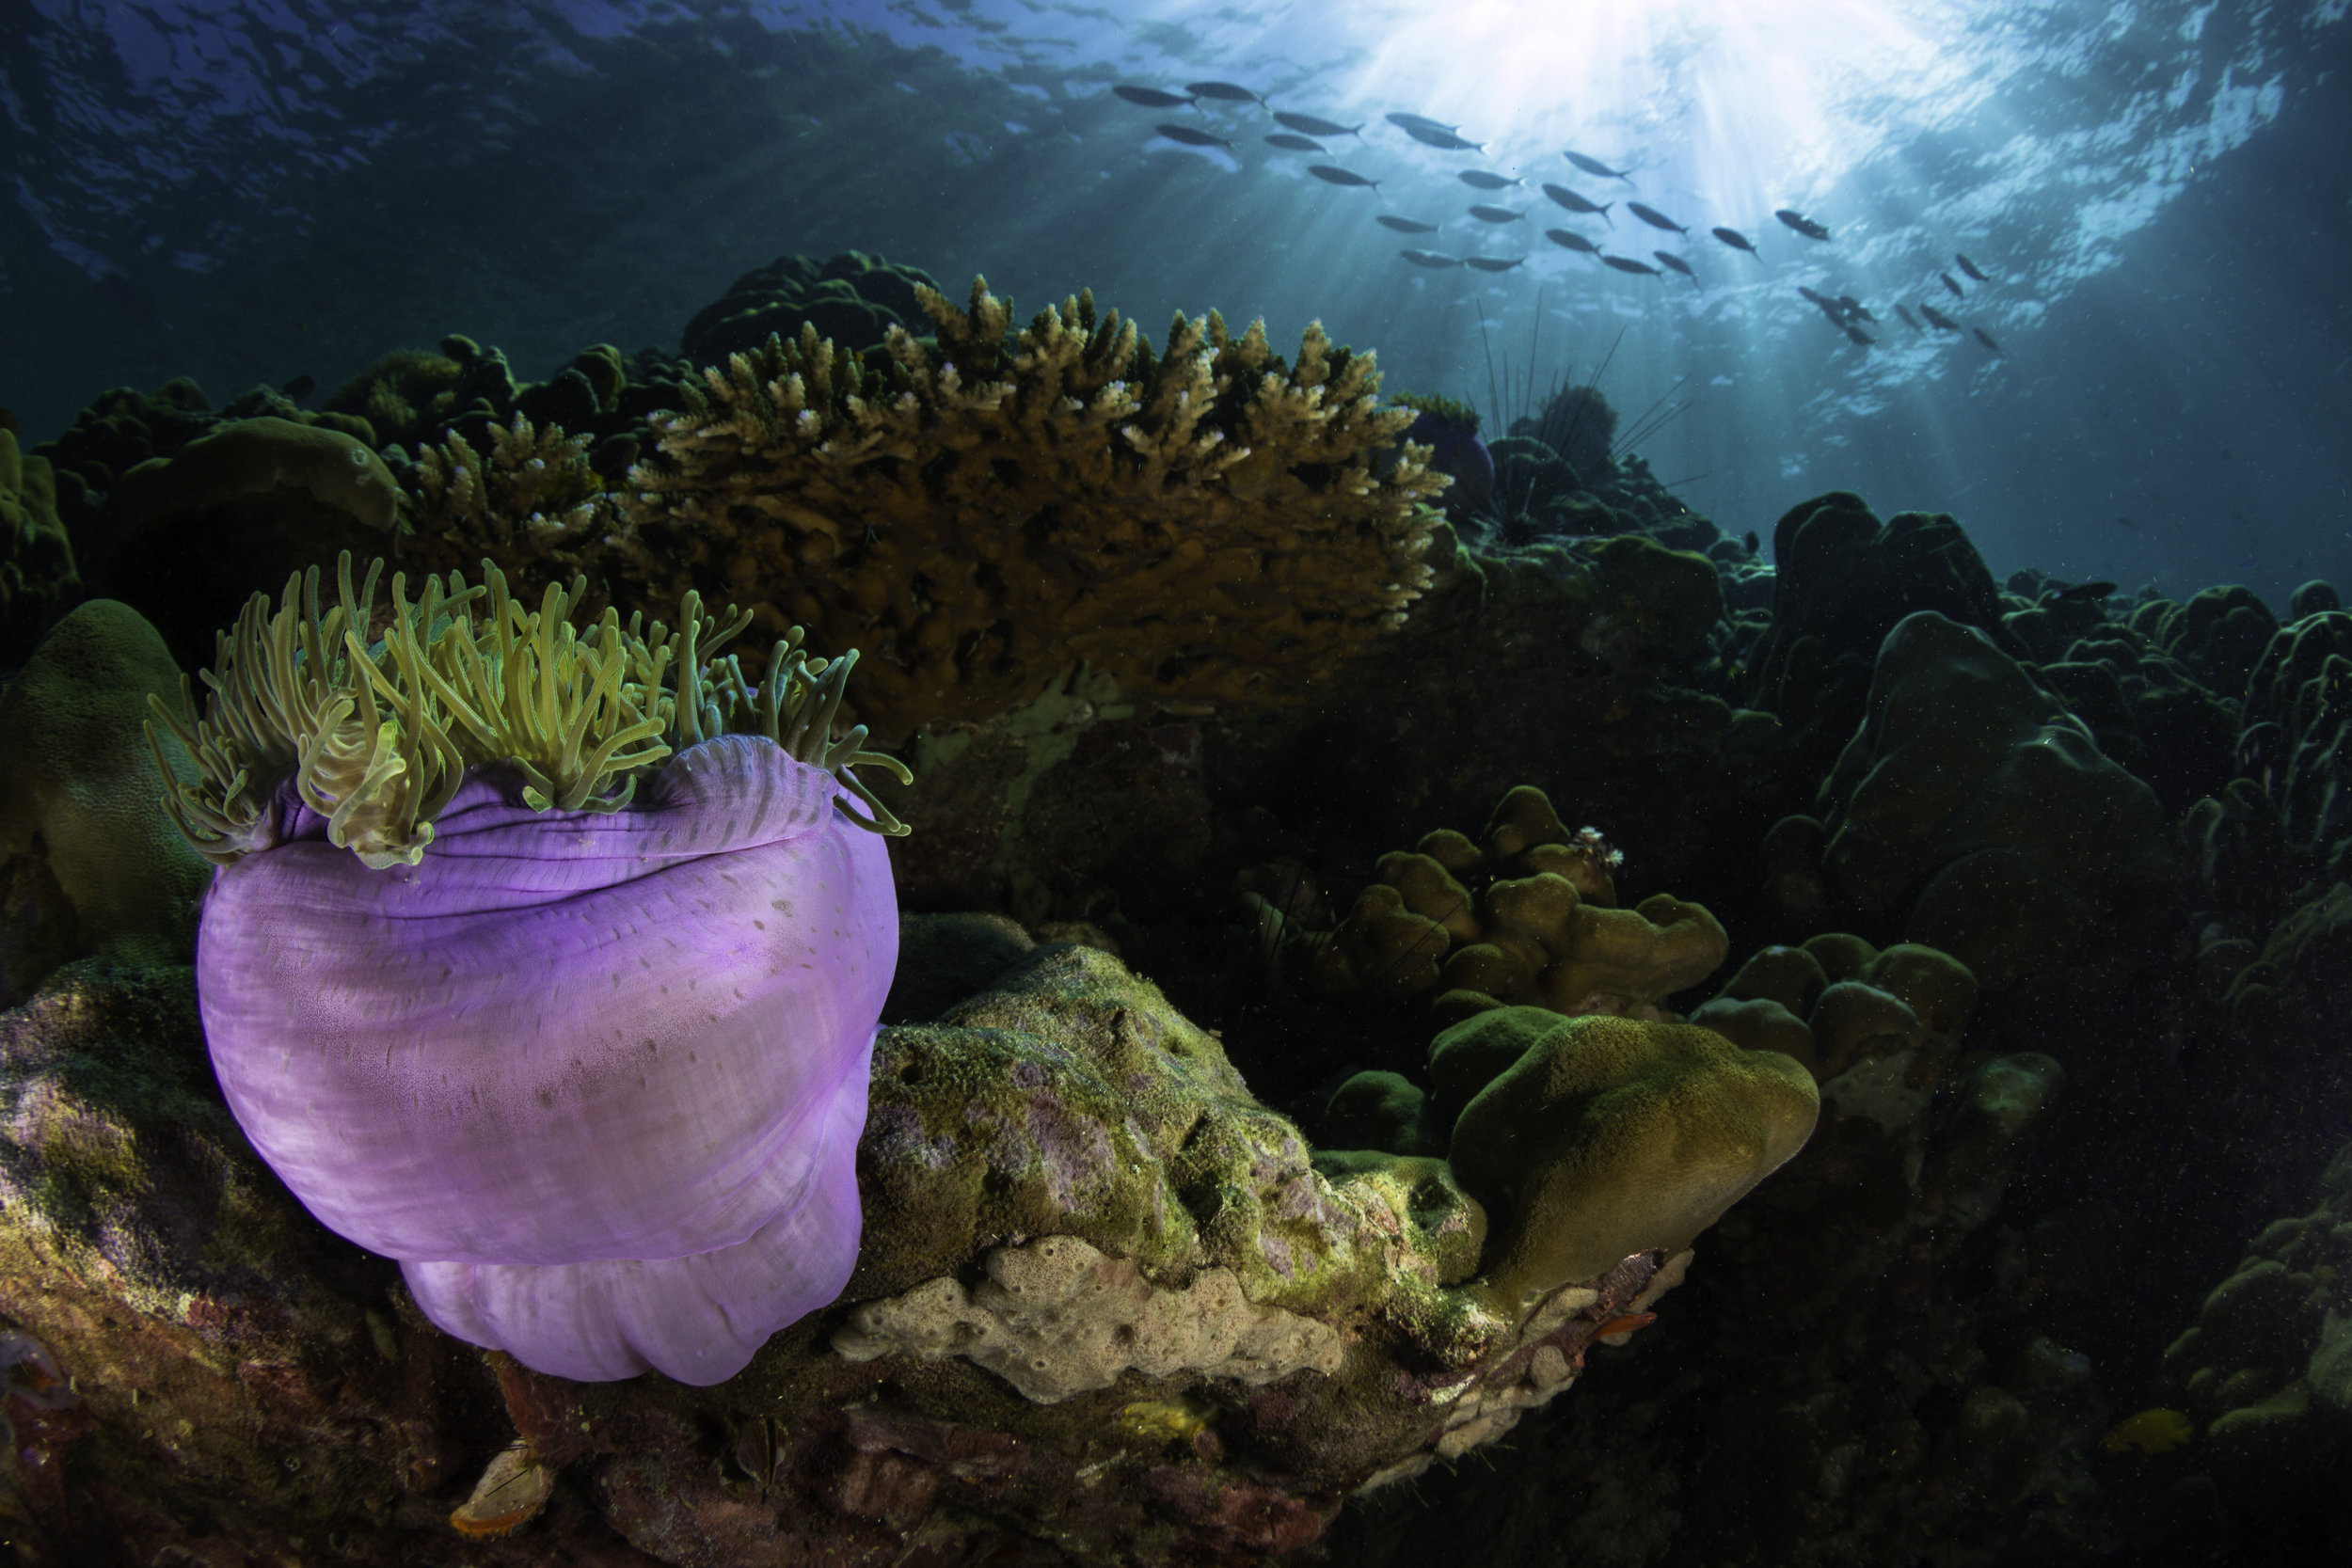 Ocean science -